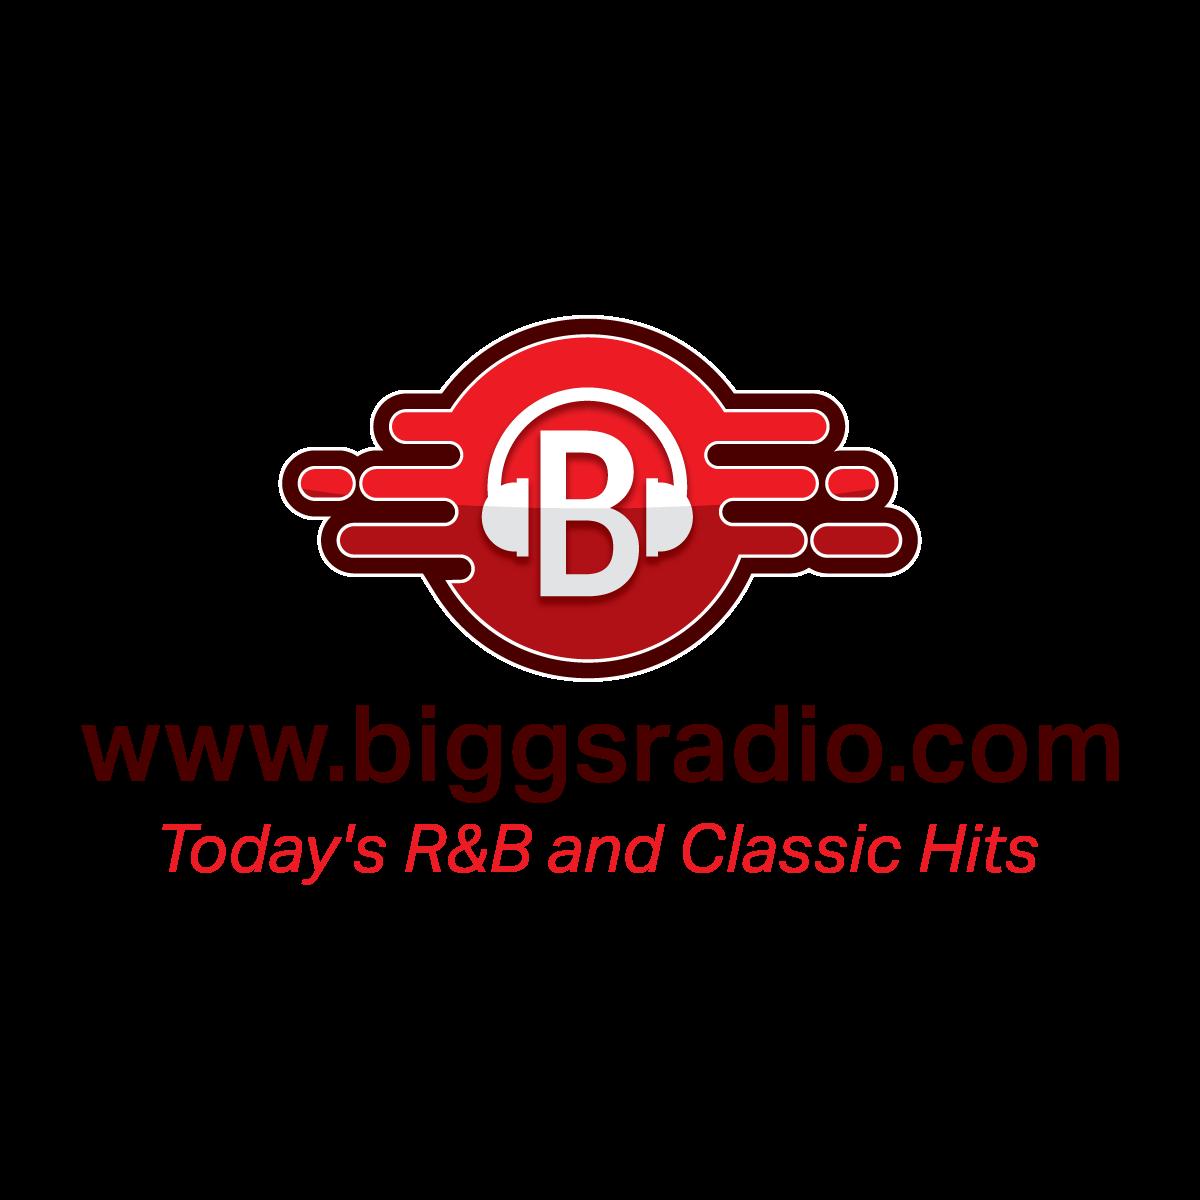 Biggs Radio